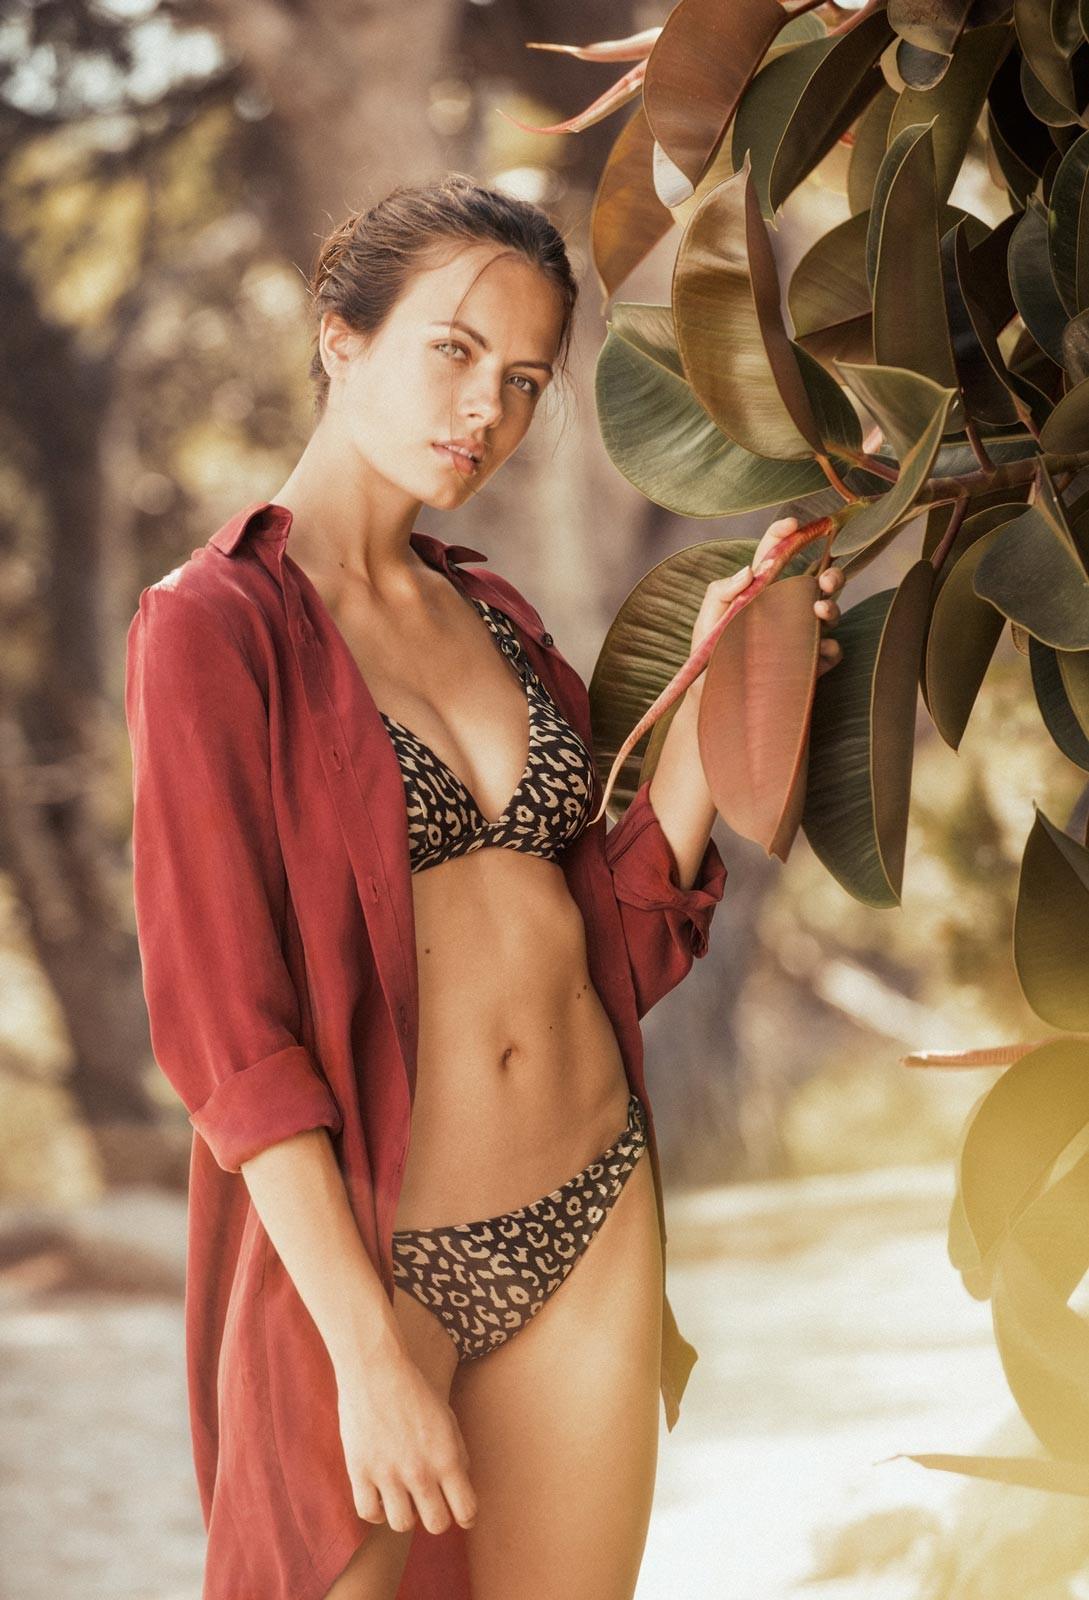 Kigo Shirt - Masaai- Bawe bikini -Leopard